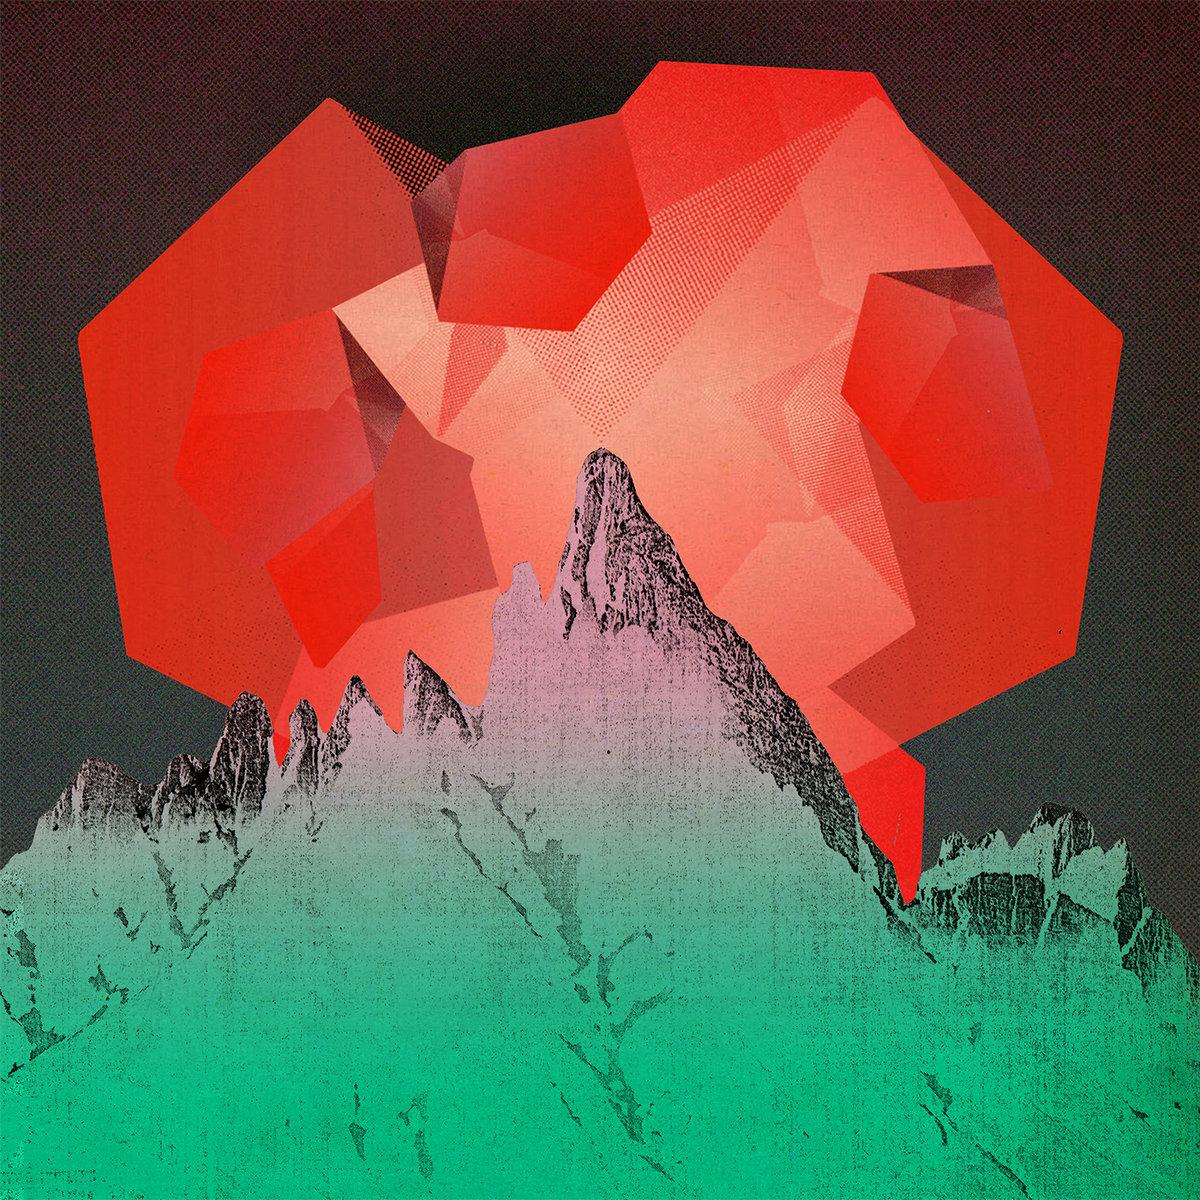 """Bildresultat för Mitch von Arx lp """"Pyramids"""